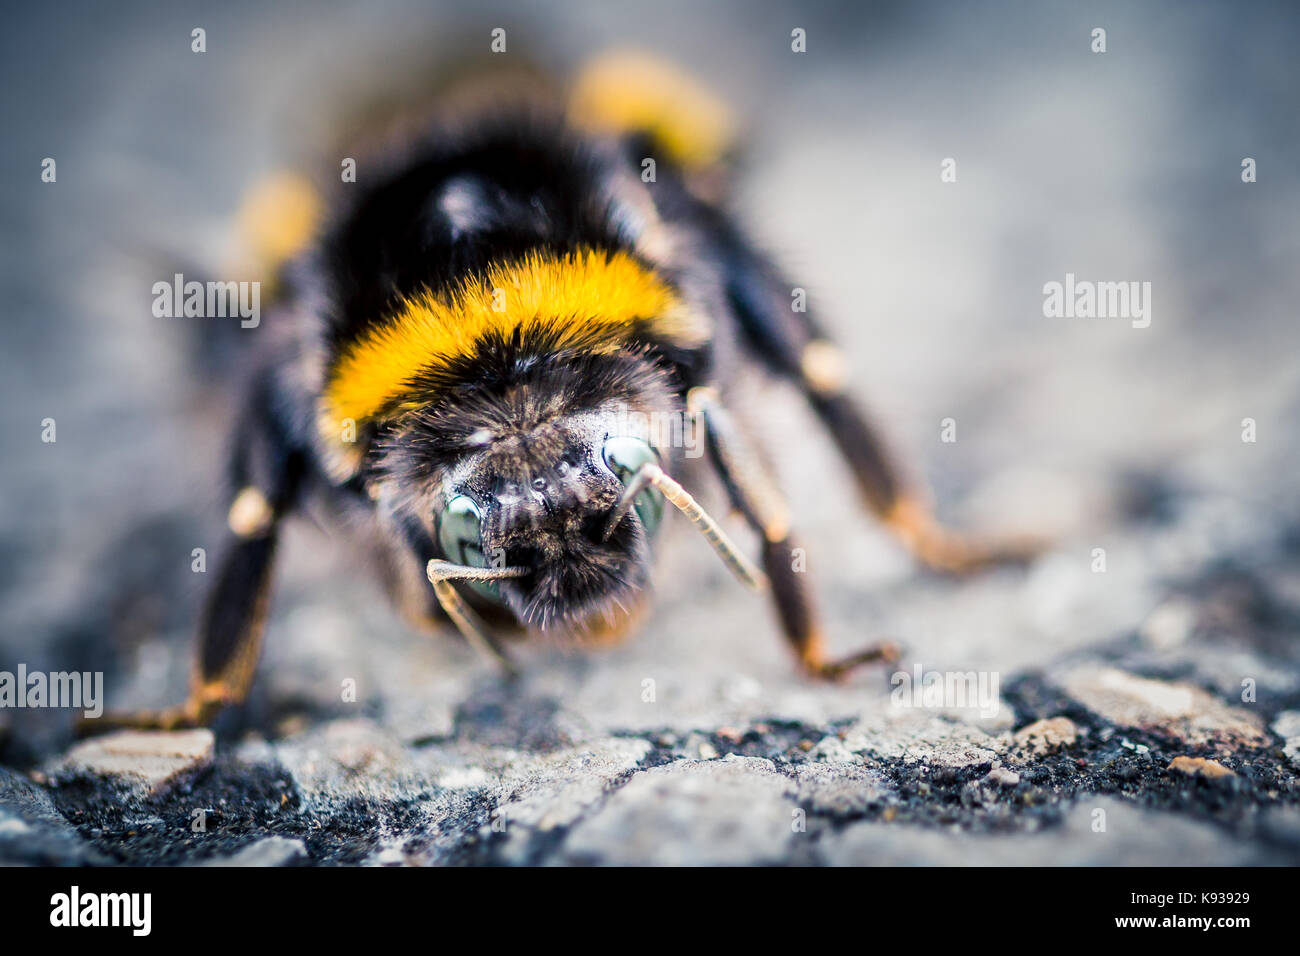 Makro Nahaufnahme von einer Biene in einem Naturschutzgebiet Stockbild